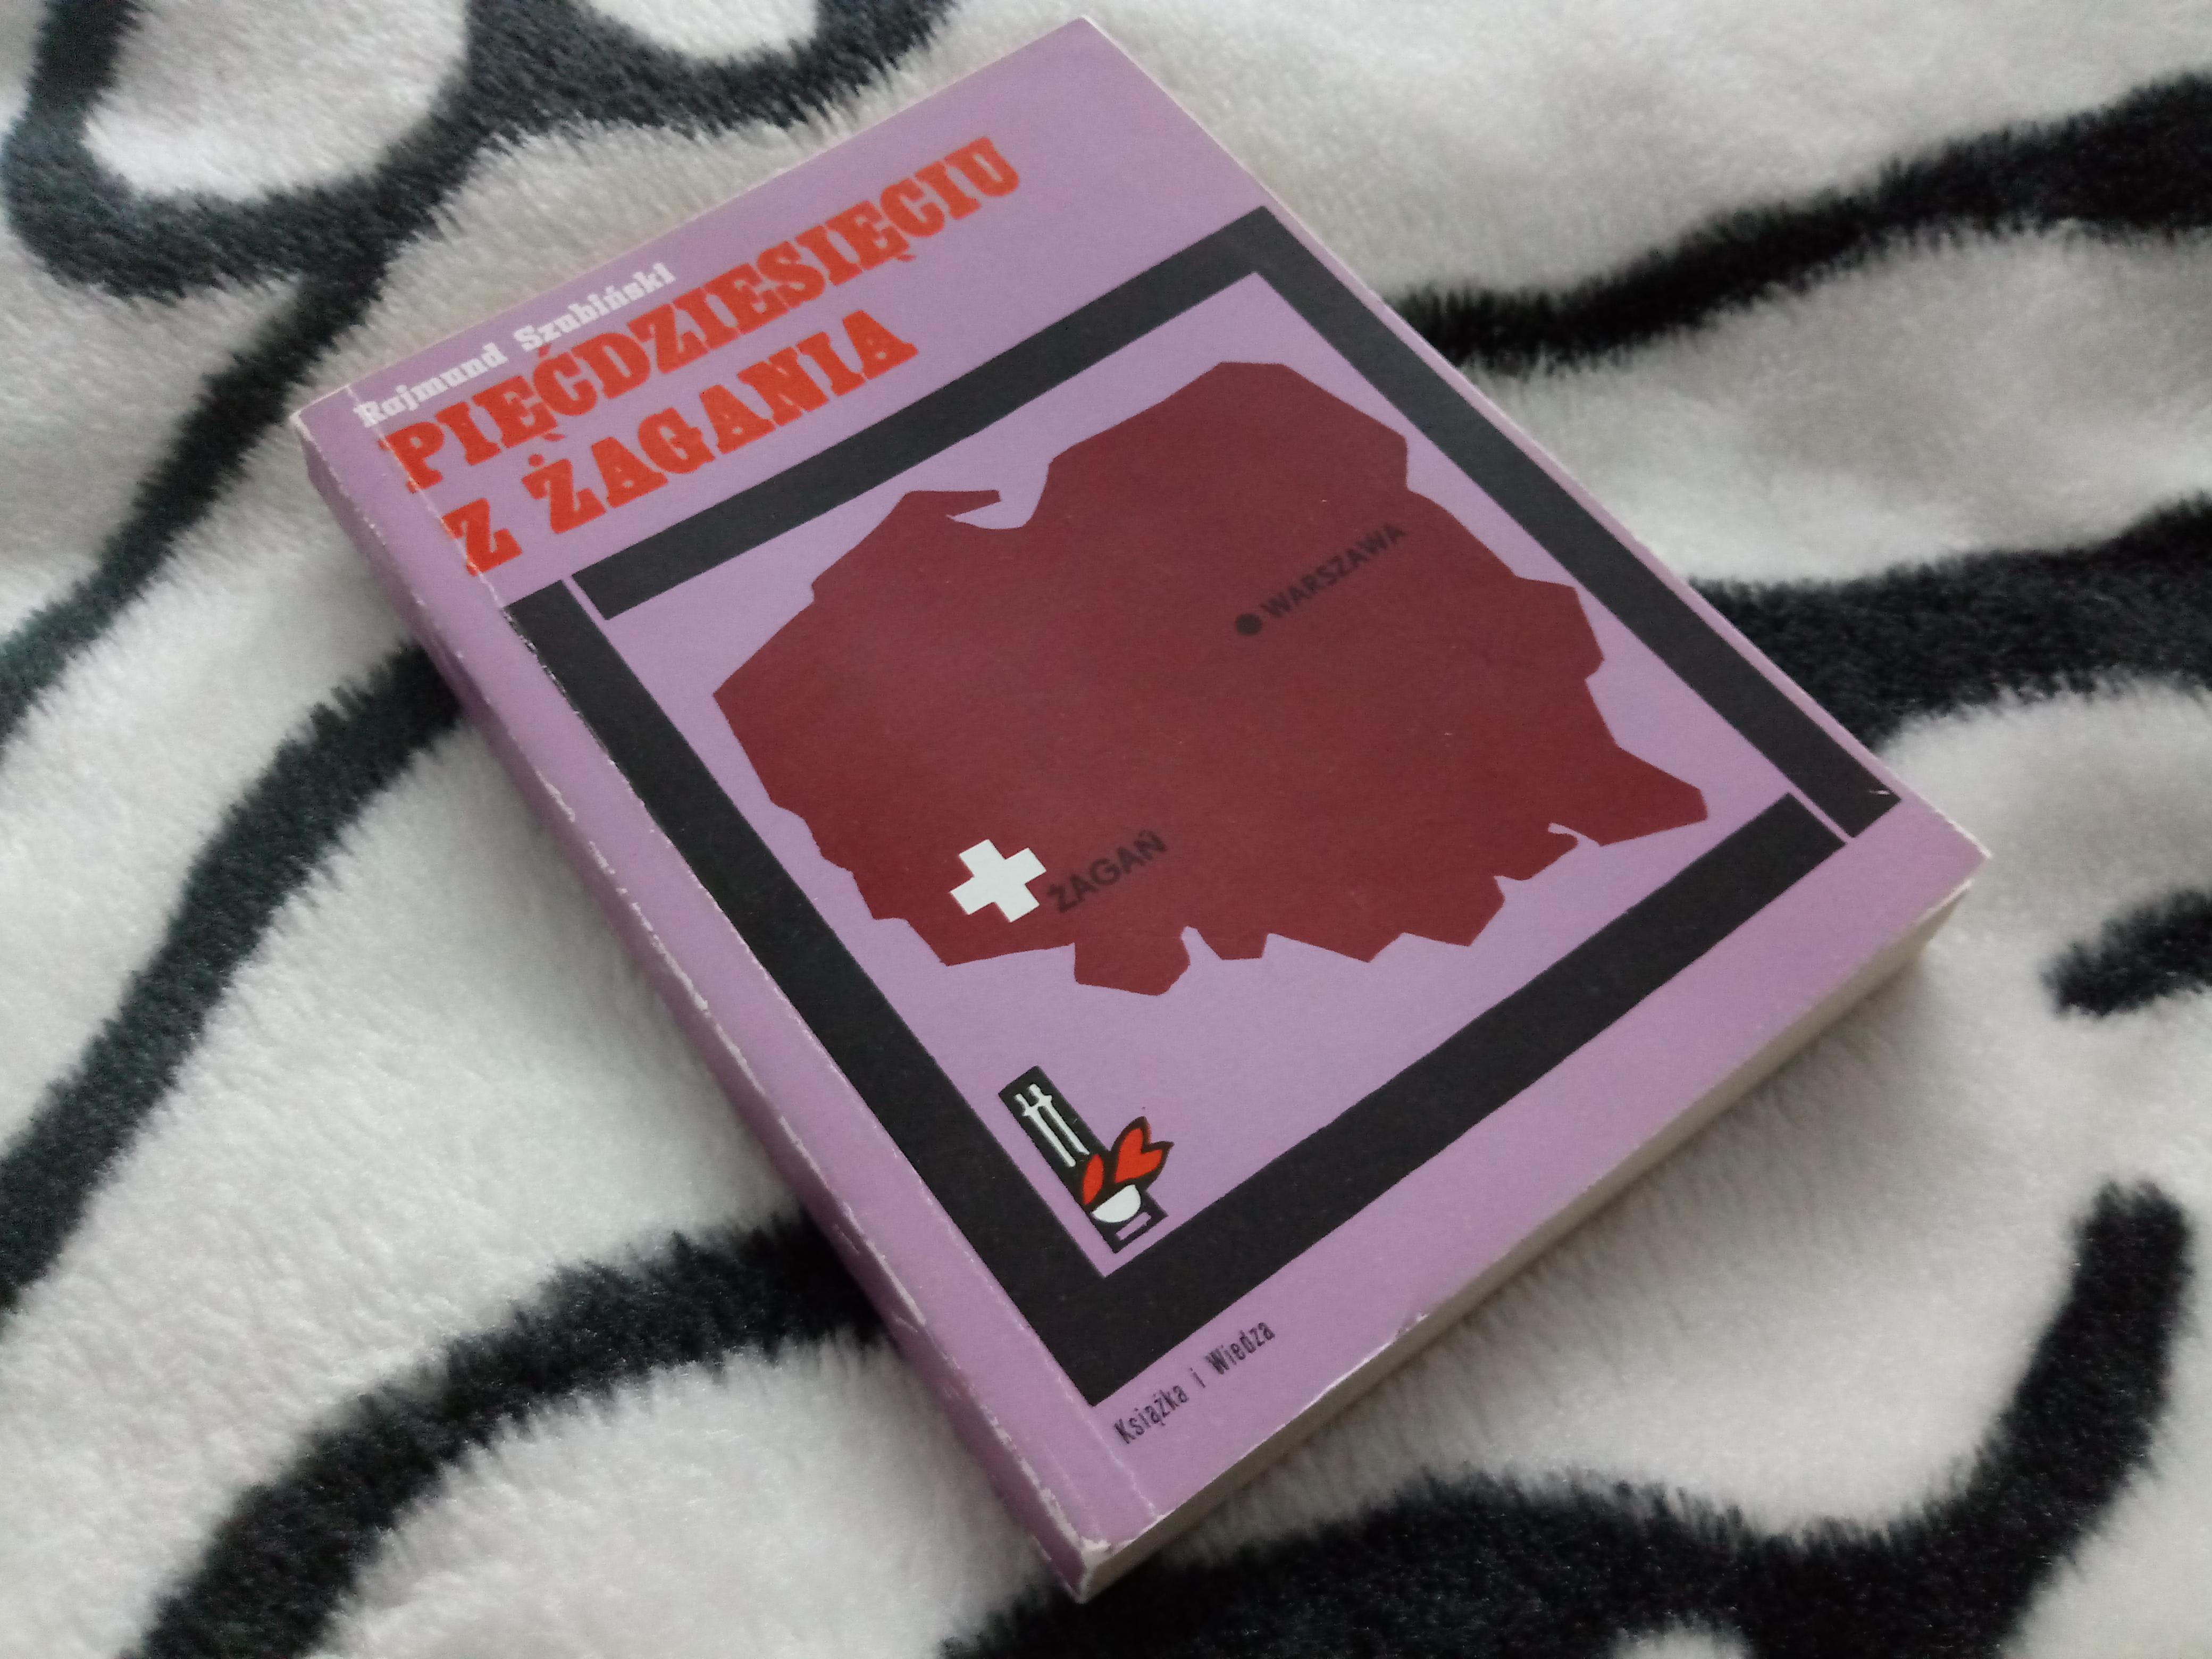 Pięćdziesięciu z Żagania – Rajmund Szubański